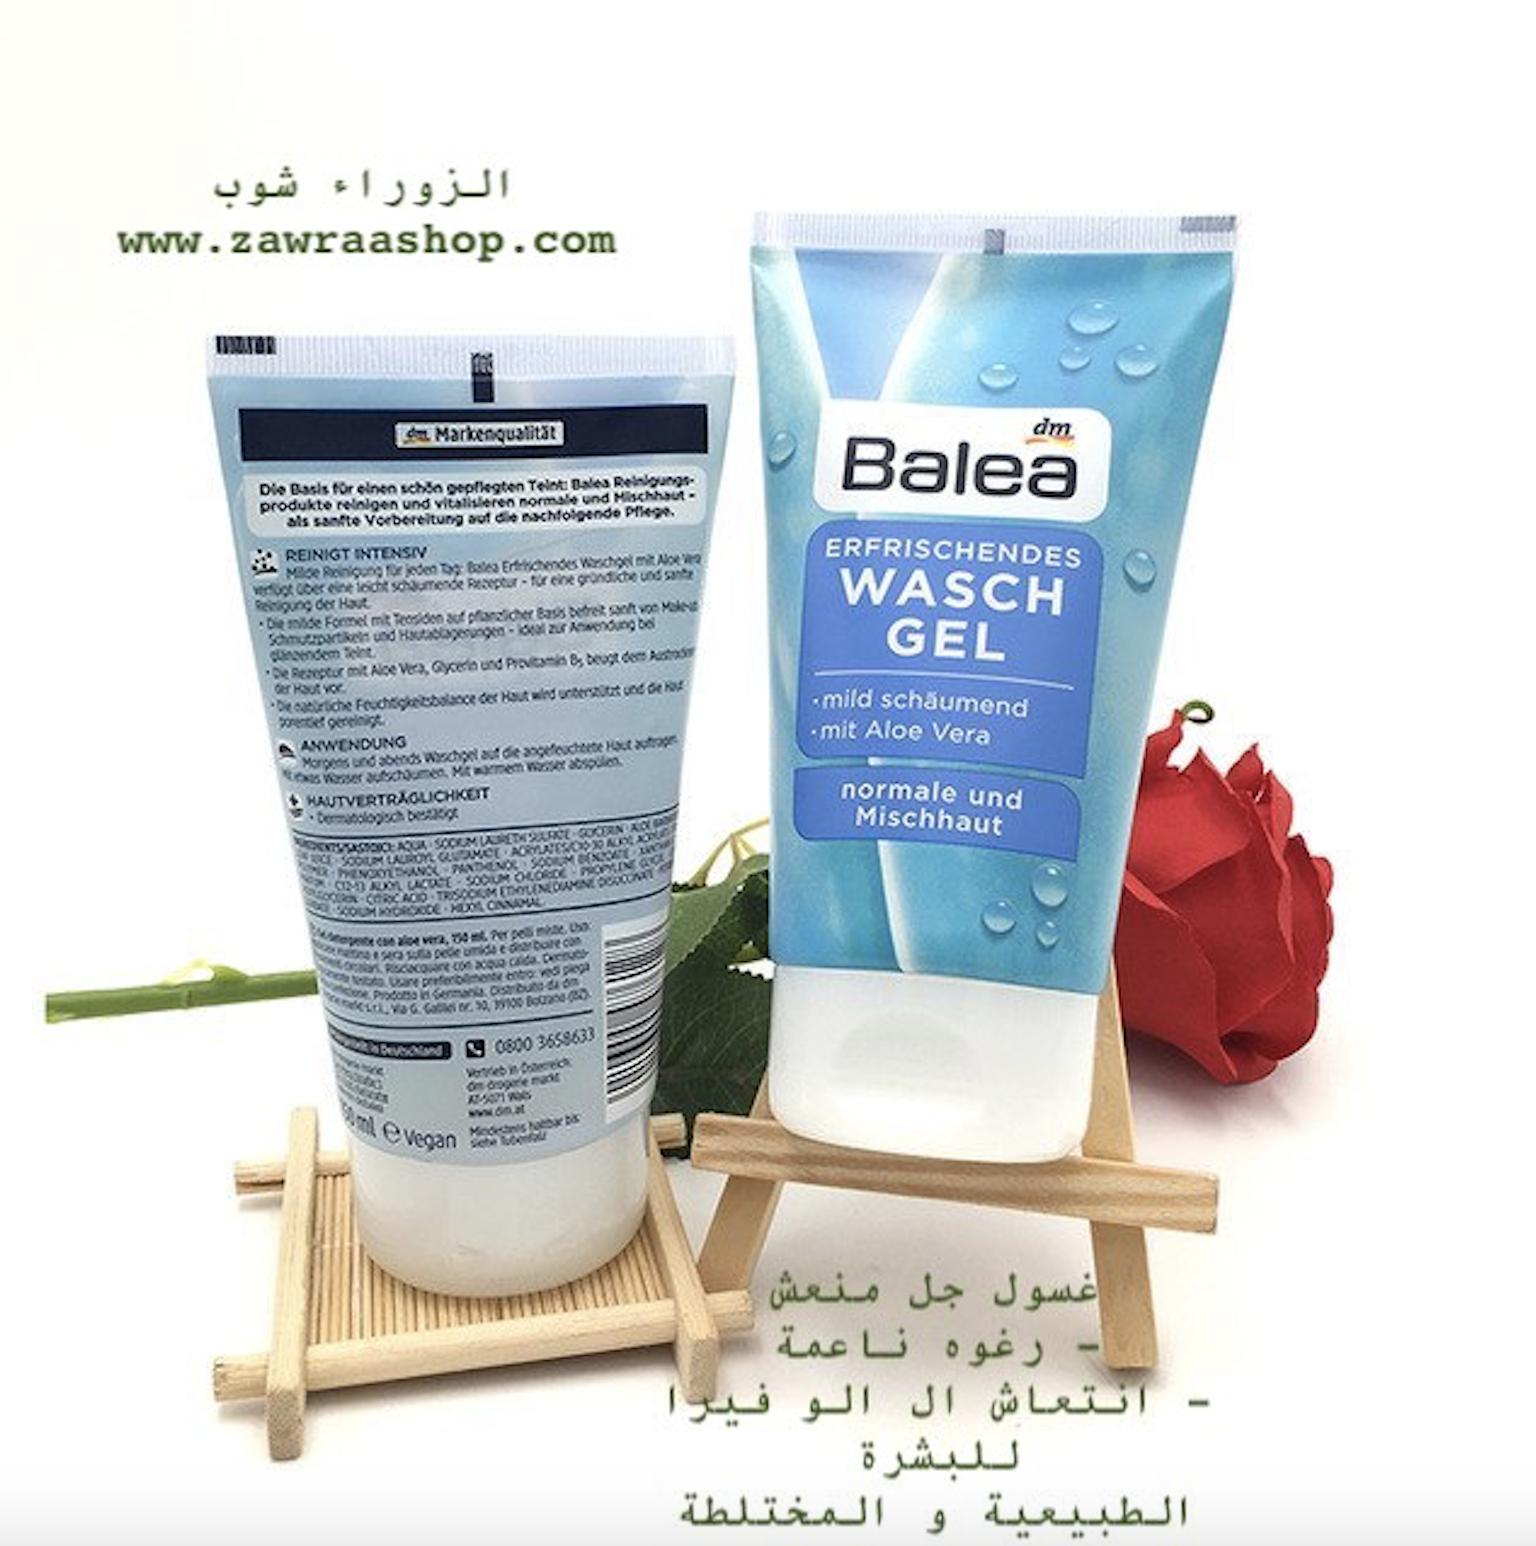 B303 erfrischendes wasch gel 150ml غسول جل منعش 00426